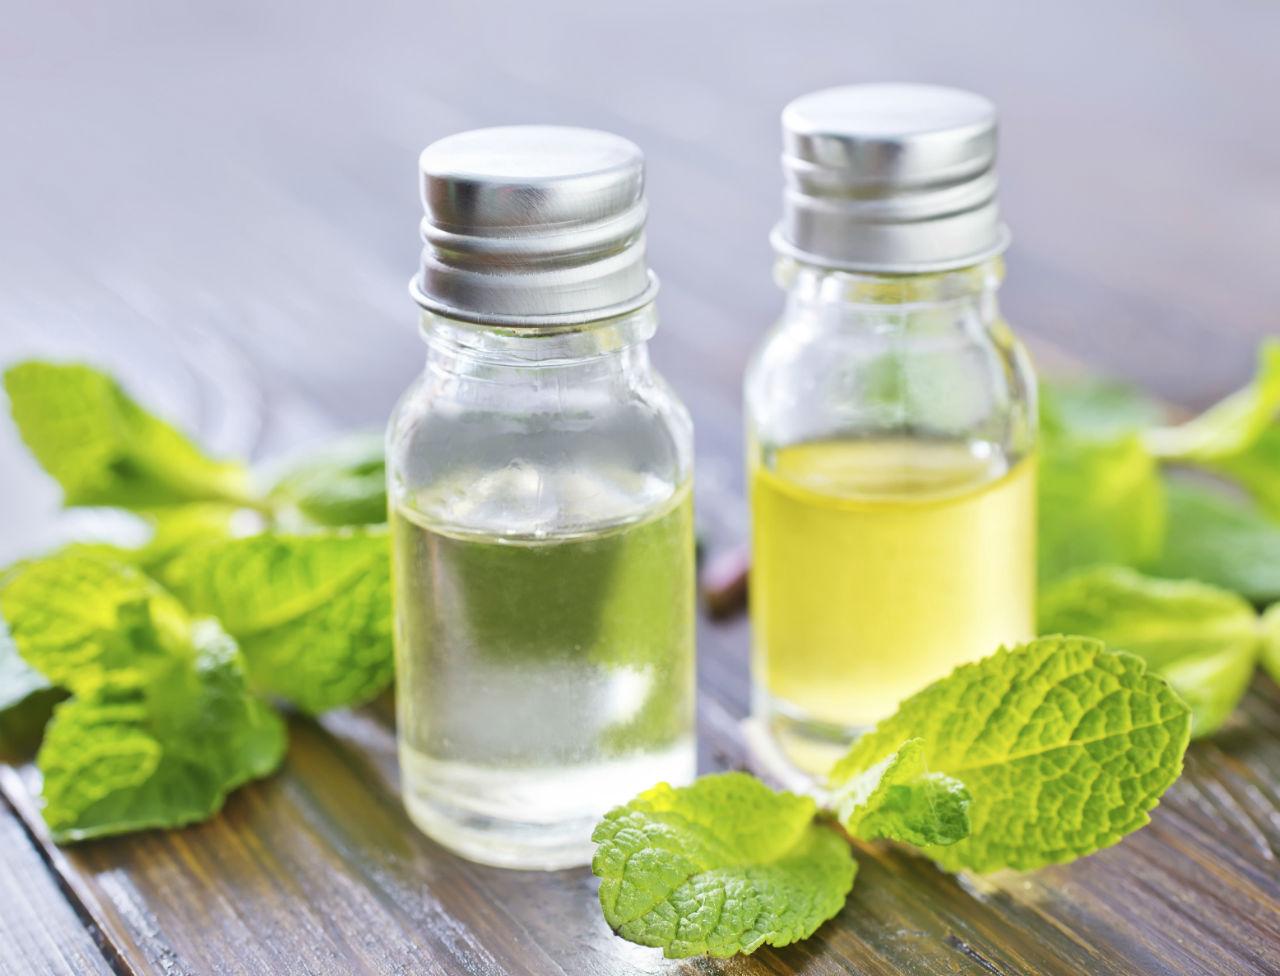 l-huile-essentielle-de-menthe-poivree-efficace-contre-les-maux-de-ventre